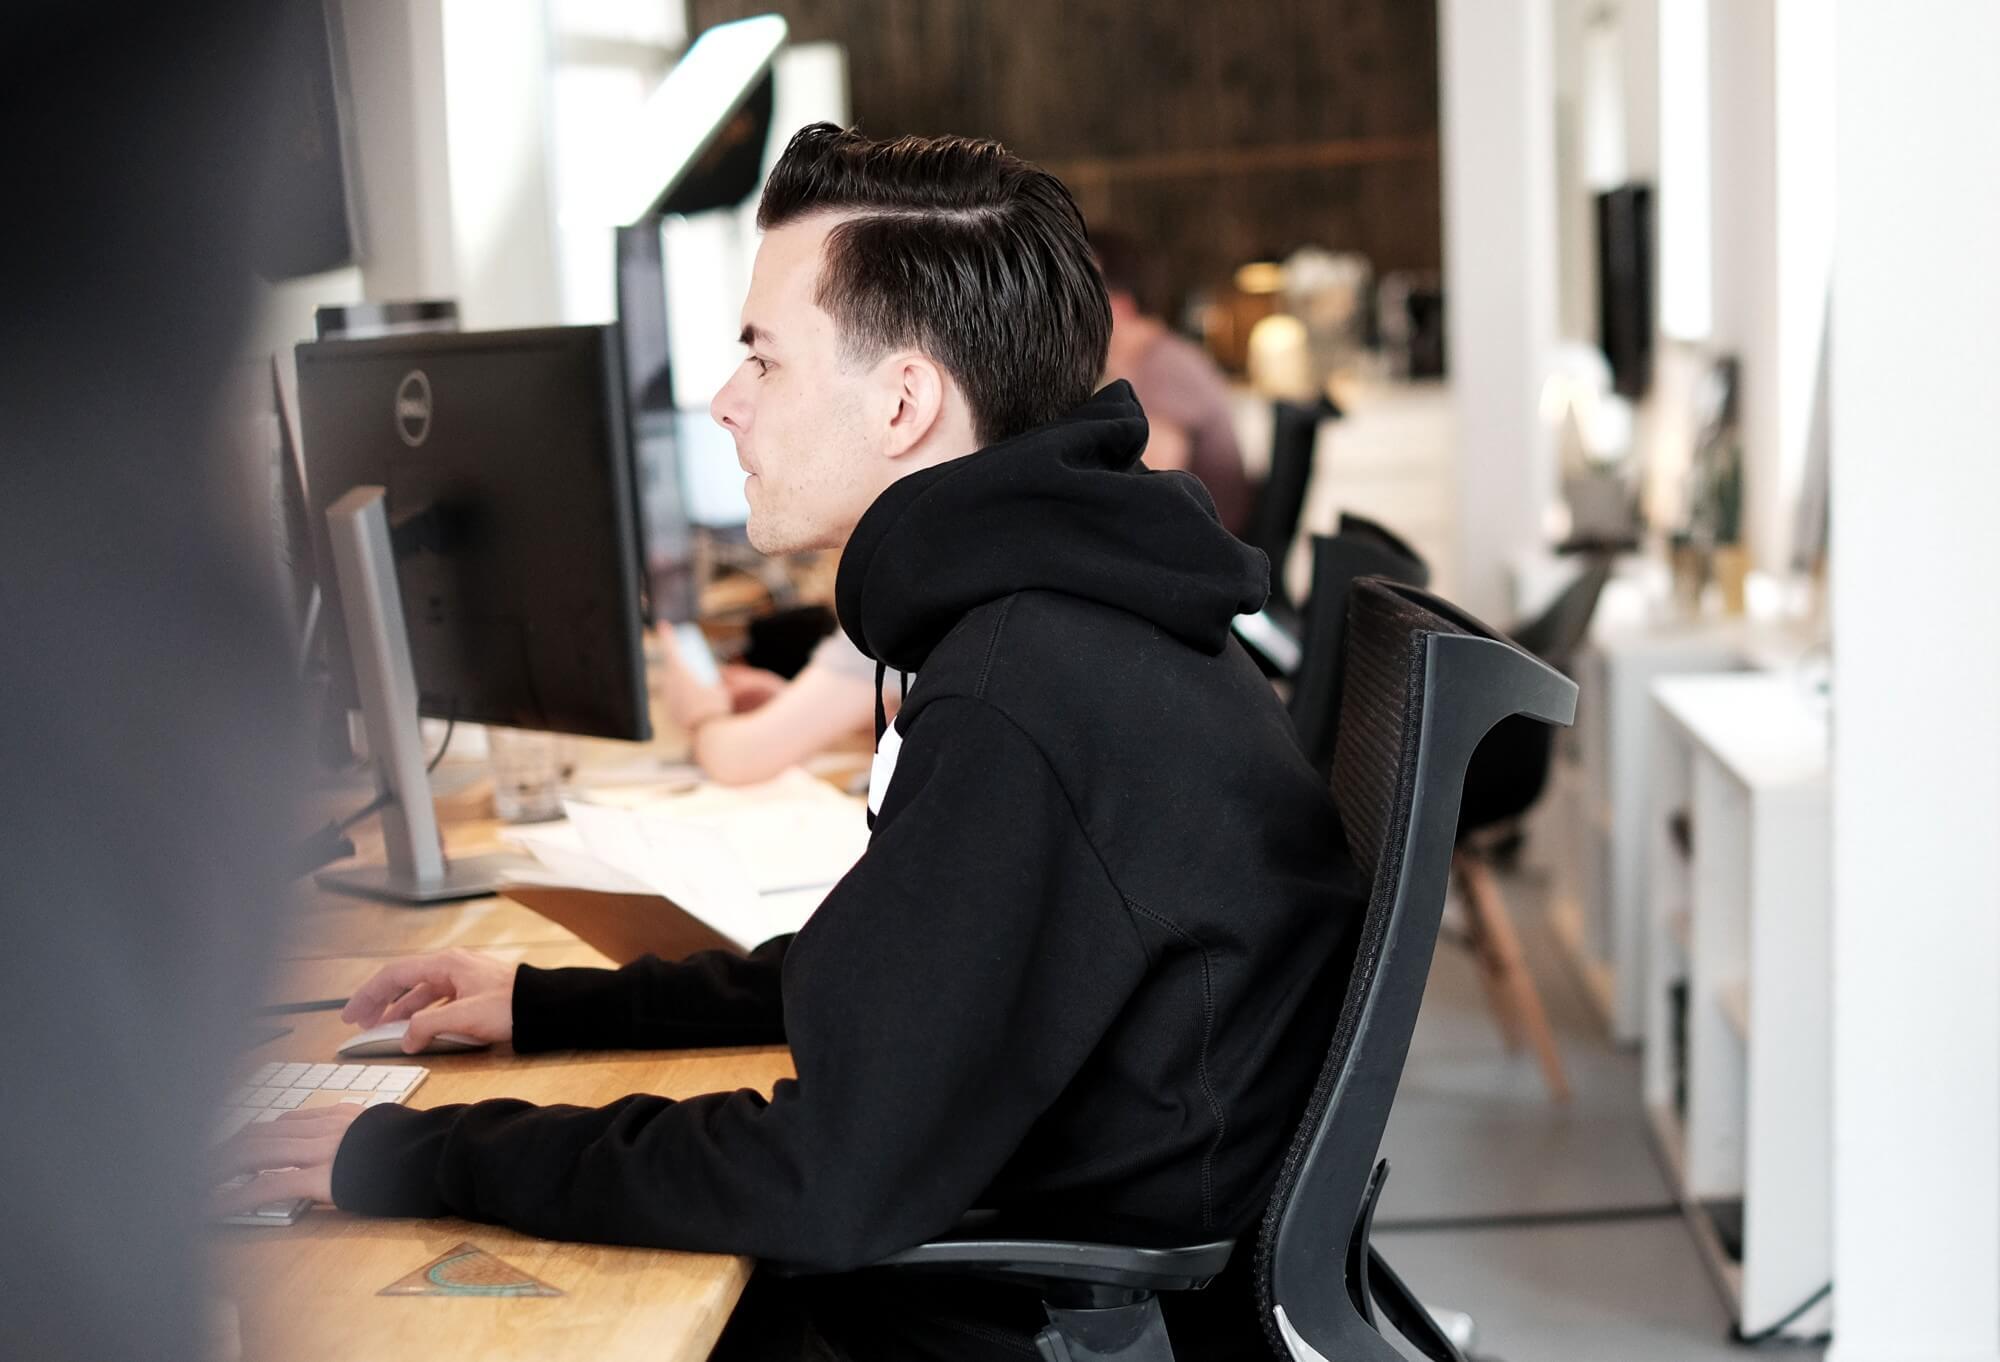 Man achter computer in een kantooromgeving